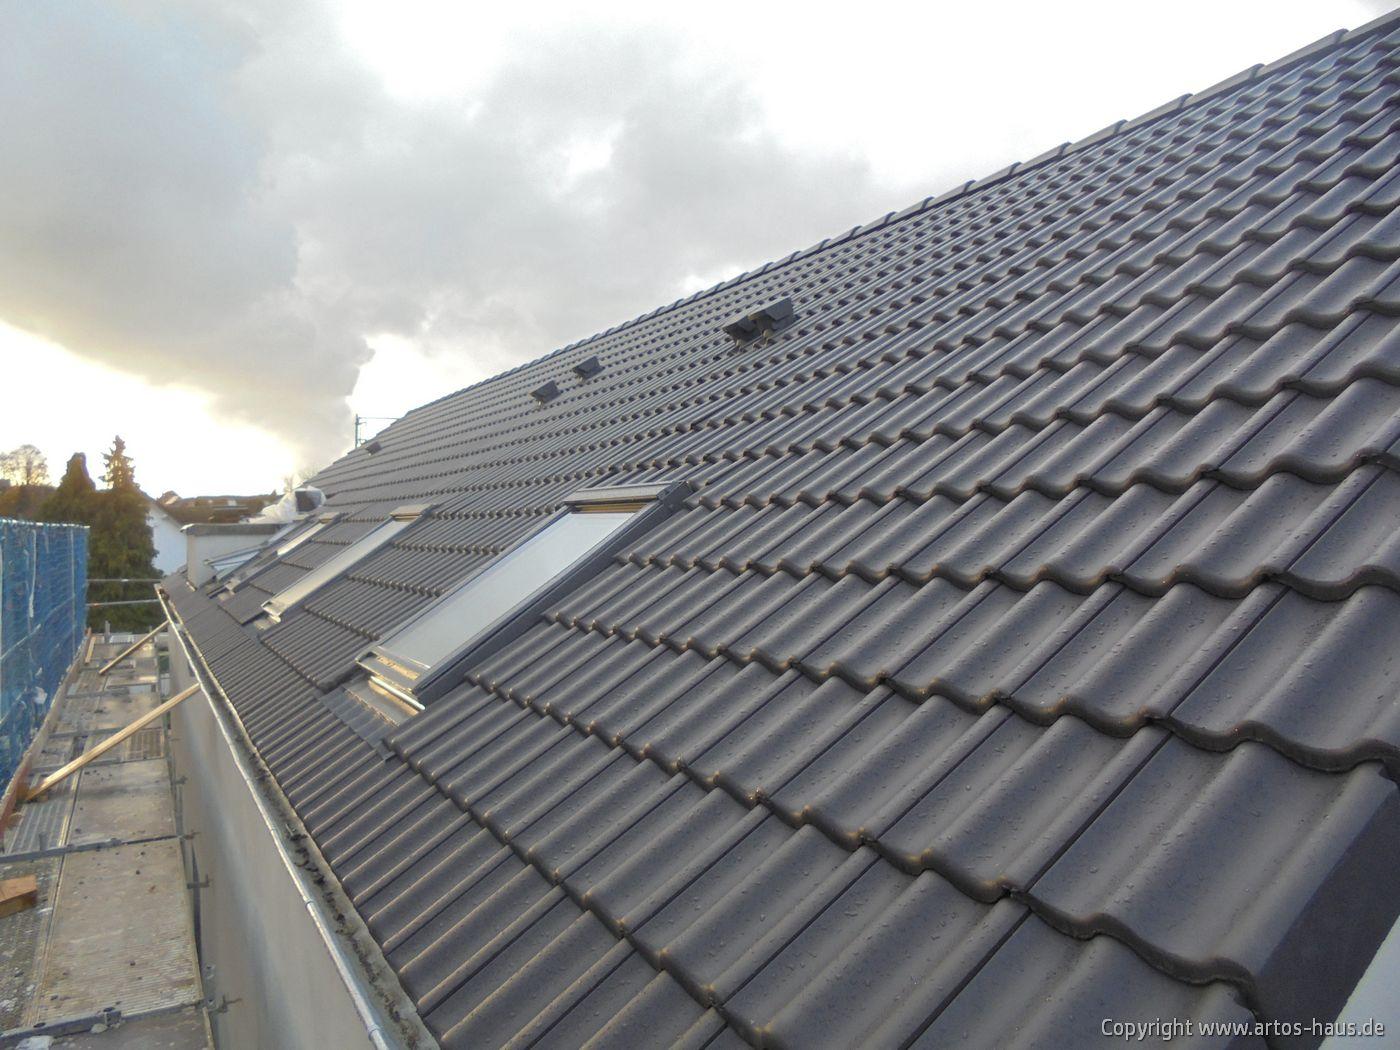 Dachdeckerarbeiten in Pulheim / ARTOS-HAUS Foto 3